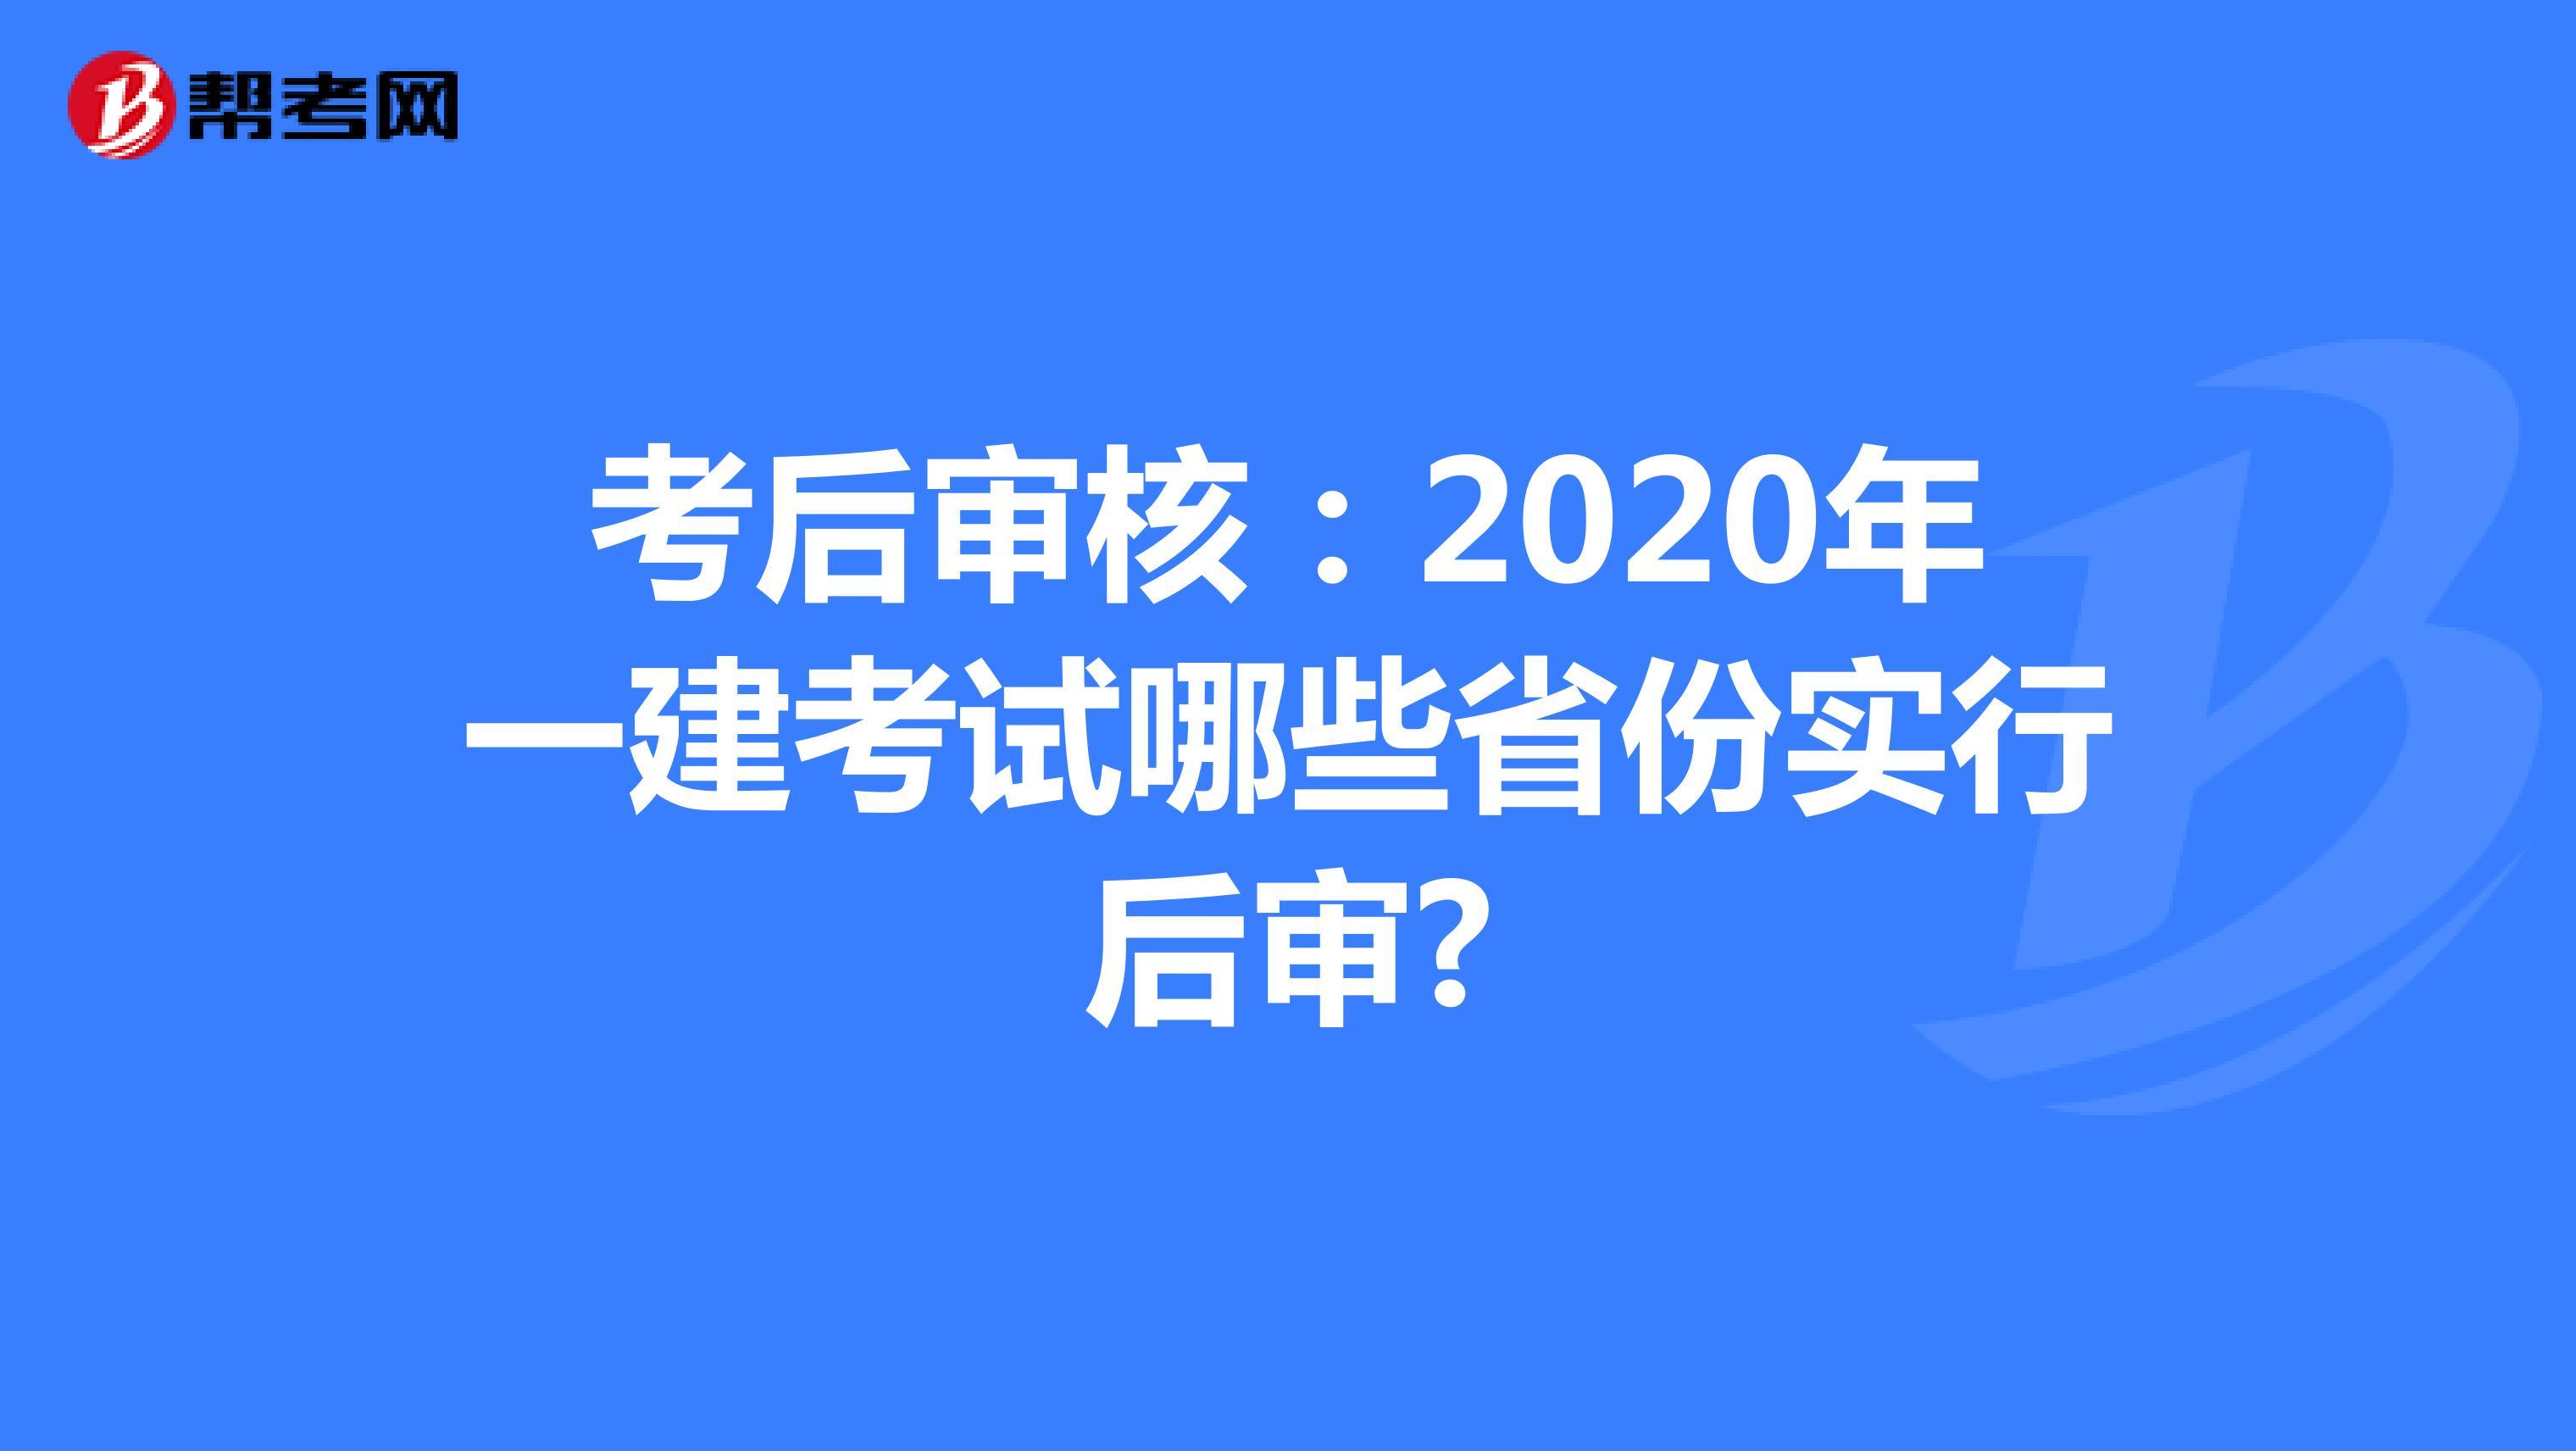 考后審核:2020年一建考試哪些省份實行后審?